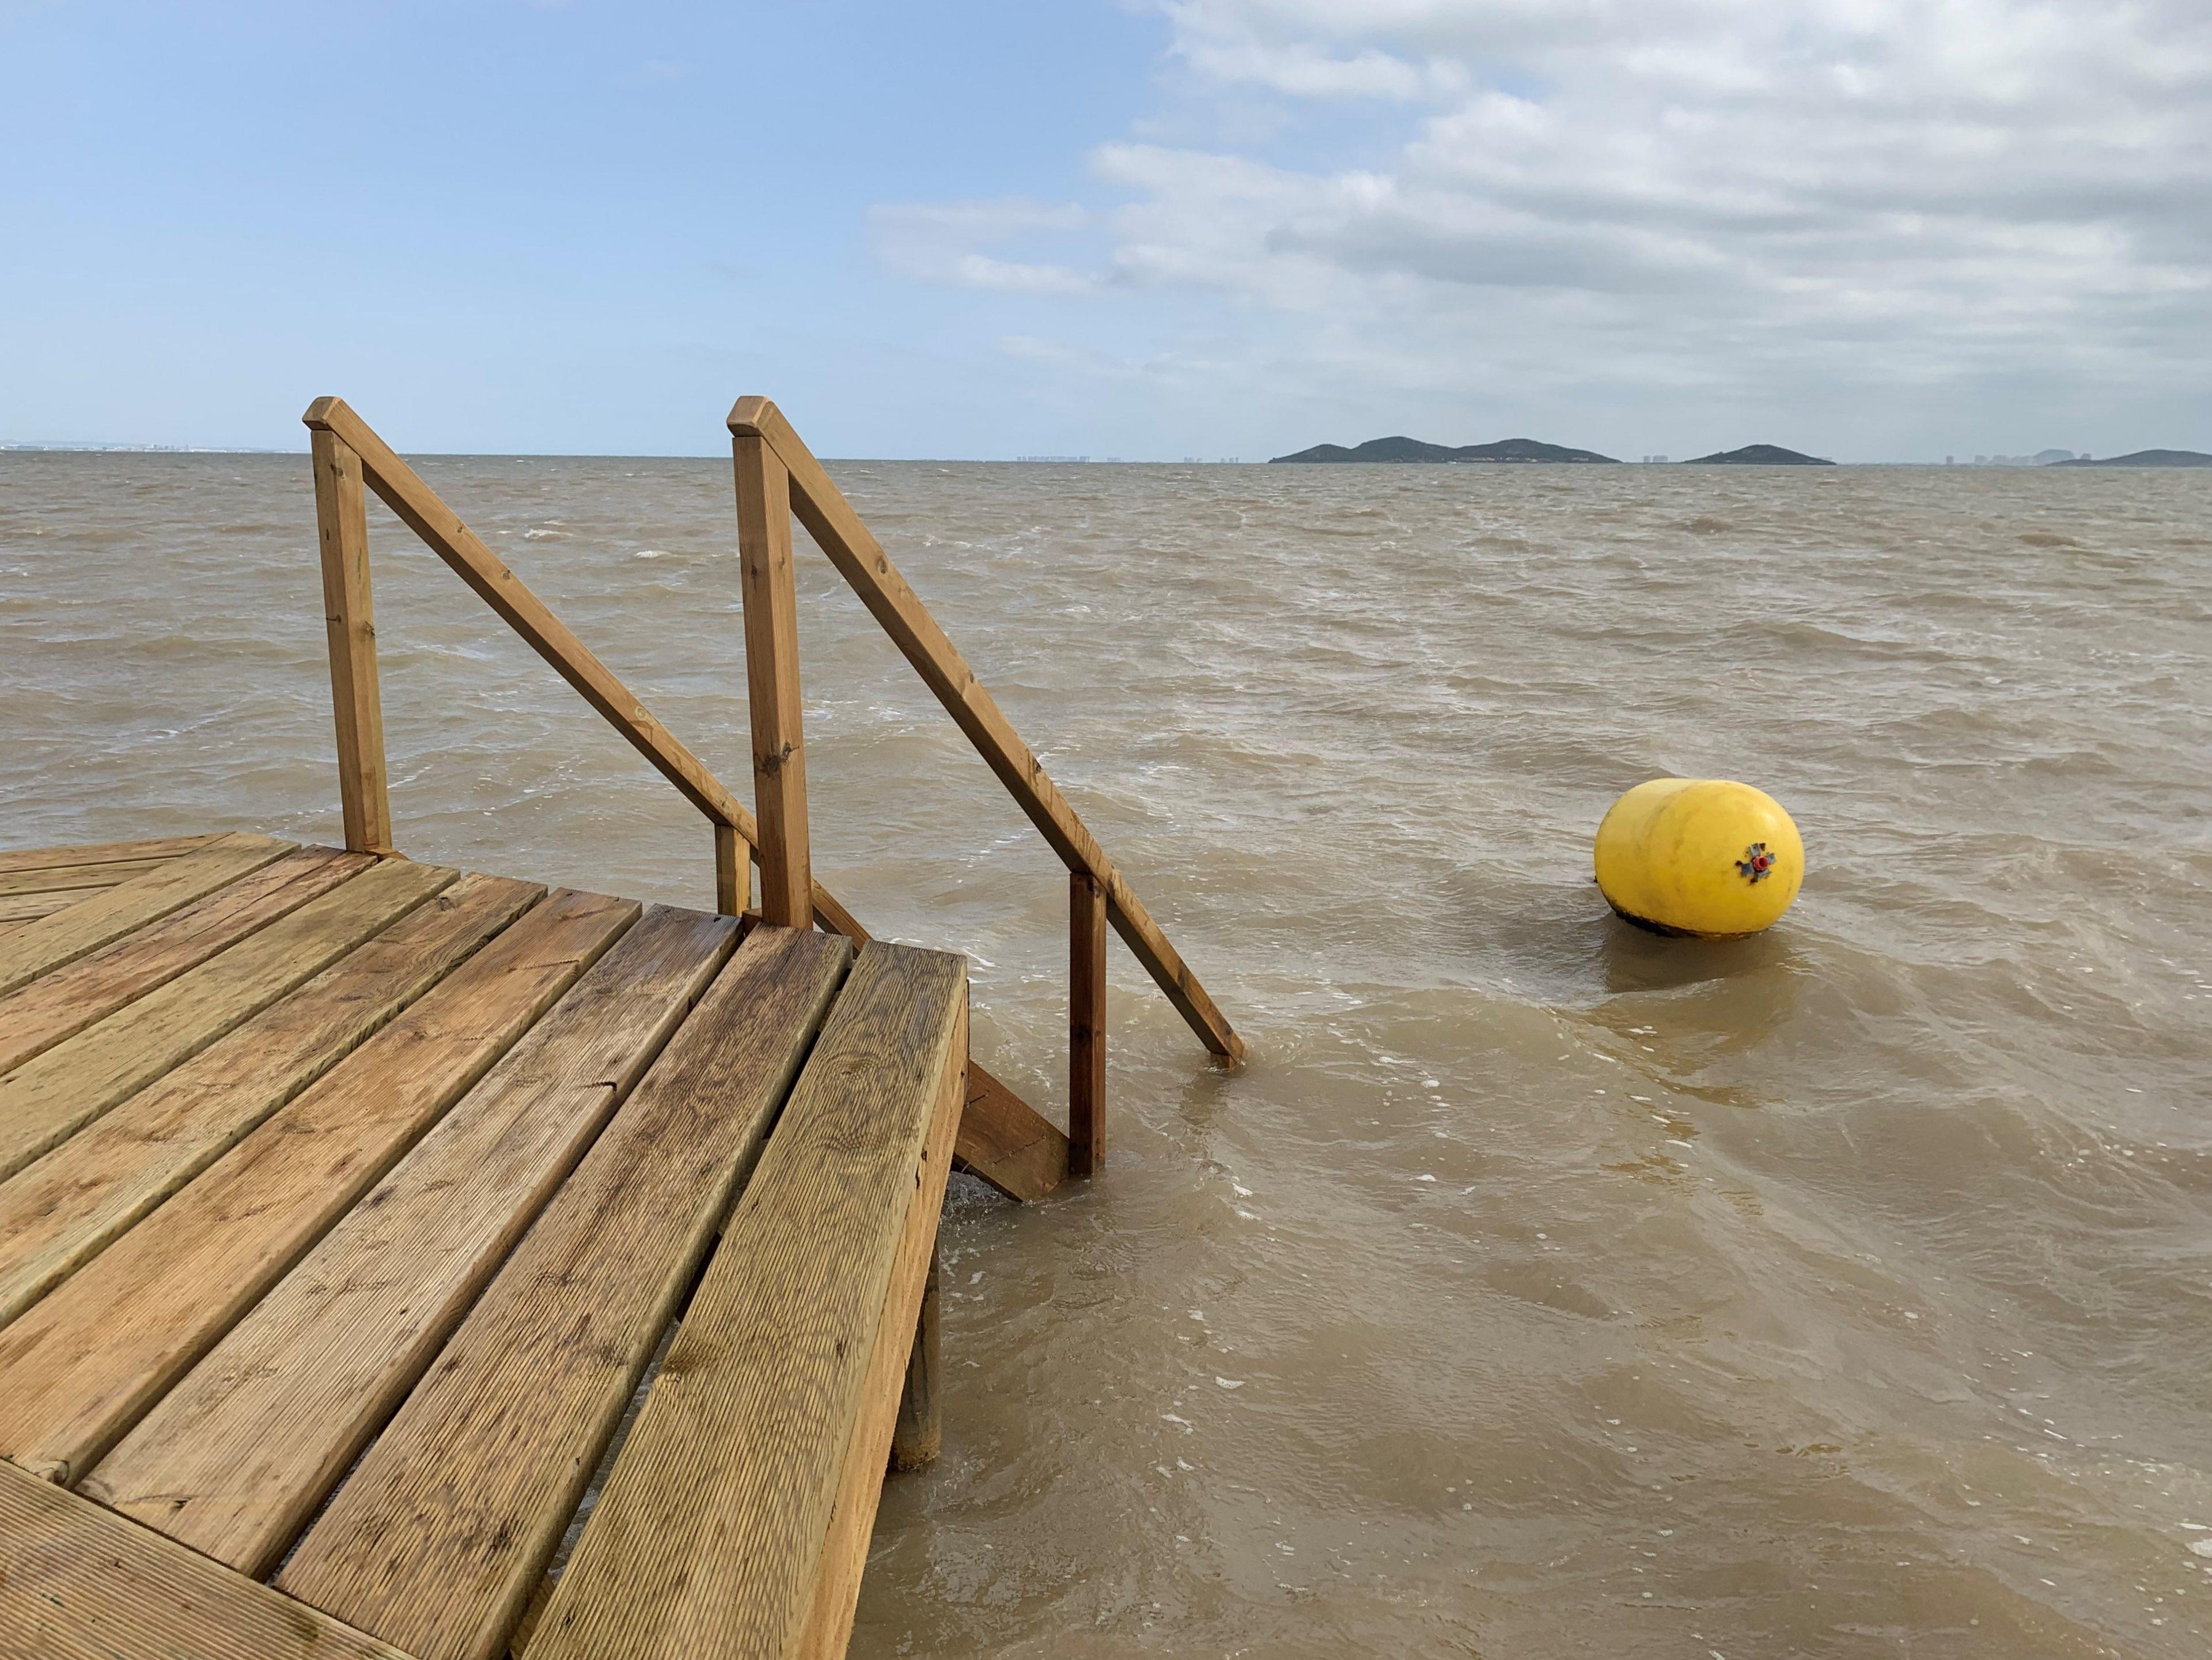 Bajada de uno de los balnearios de Los Urrutias directo a la boya del mar